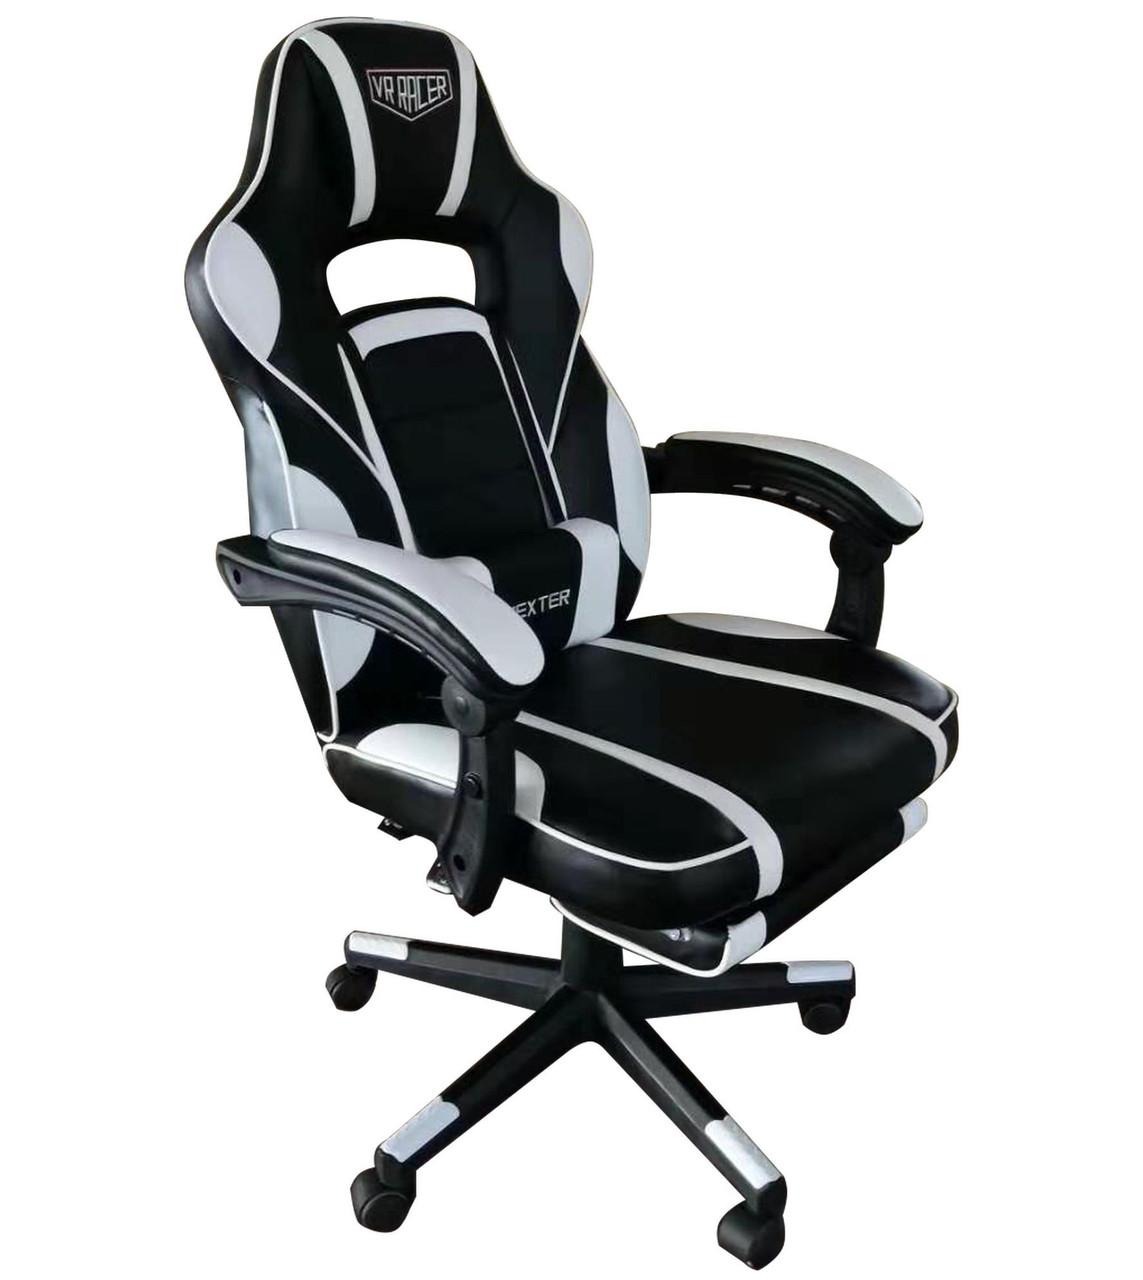 Геймерское кресло VR Racer Dexter Vector черный/белый, TM AMF